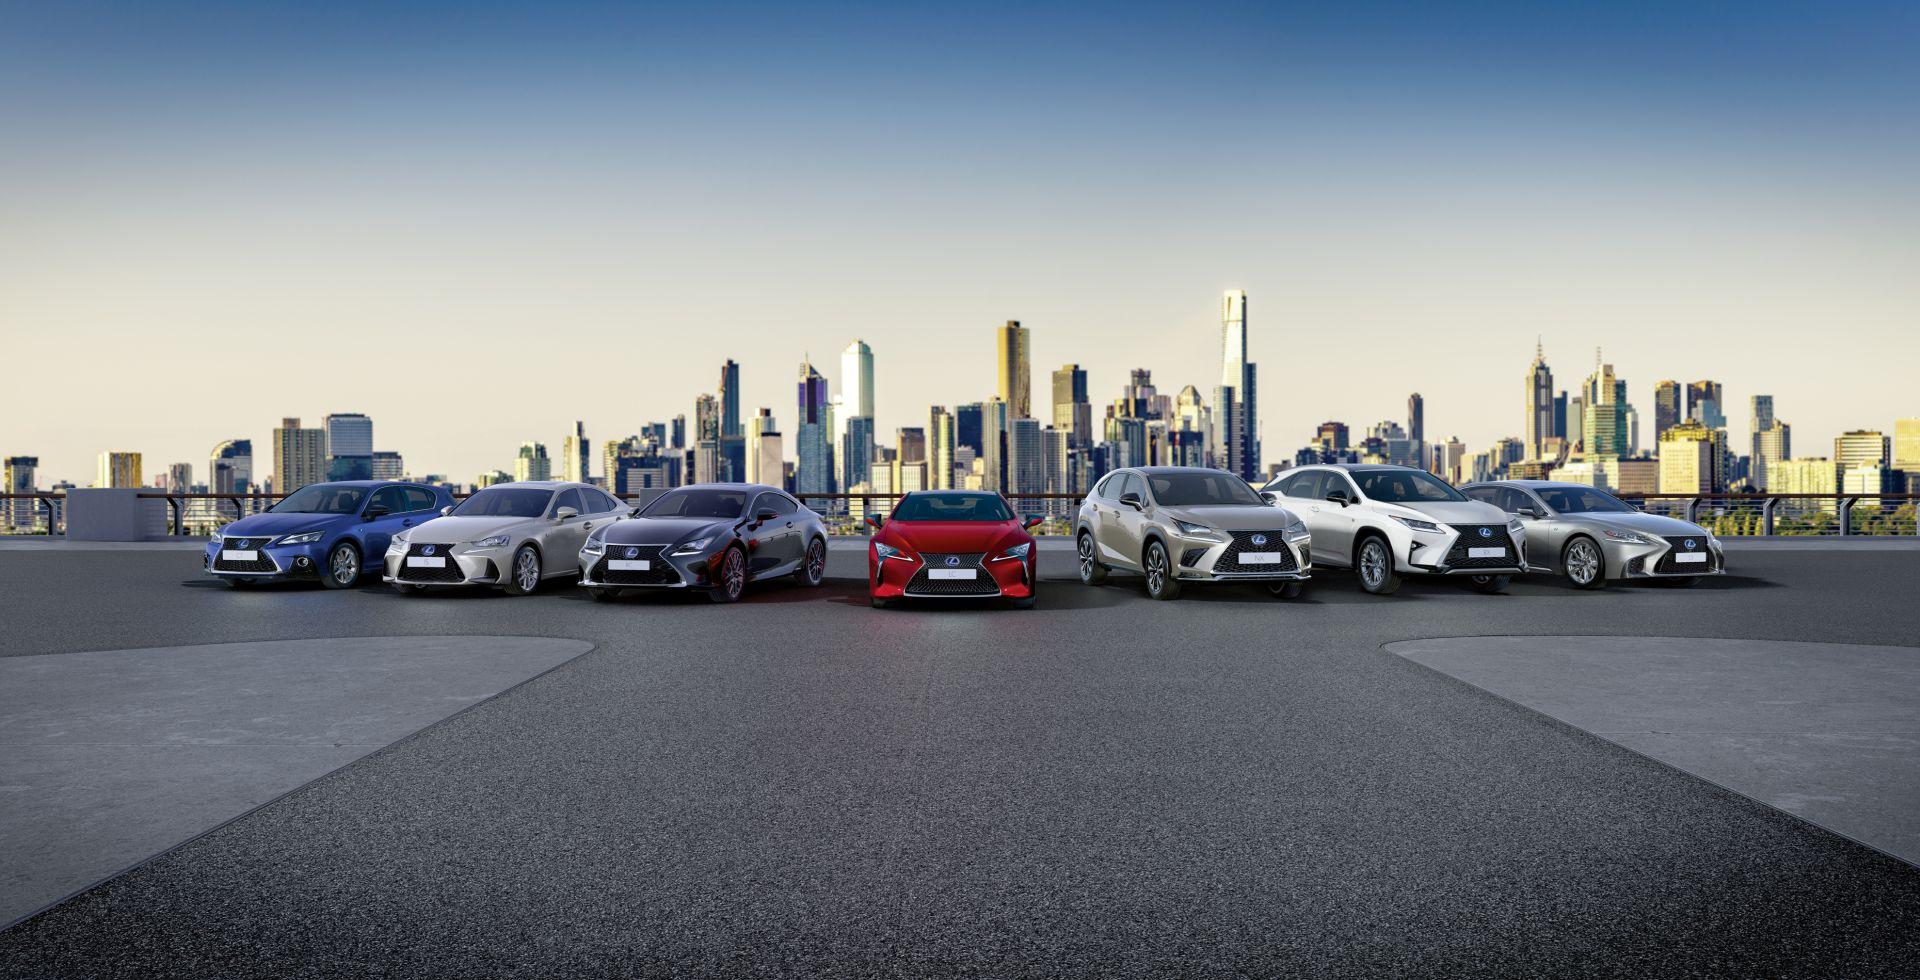 Lexus Conditions Hero Image